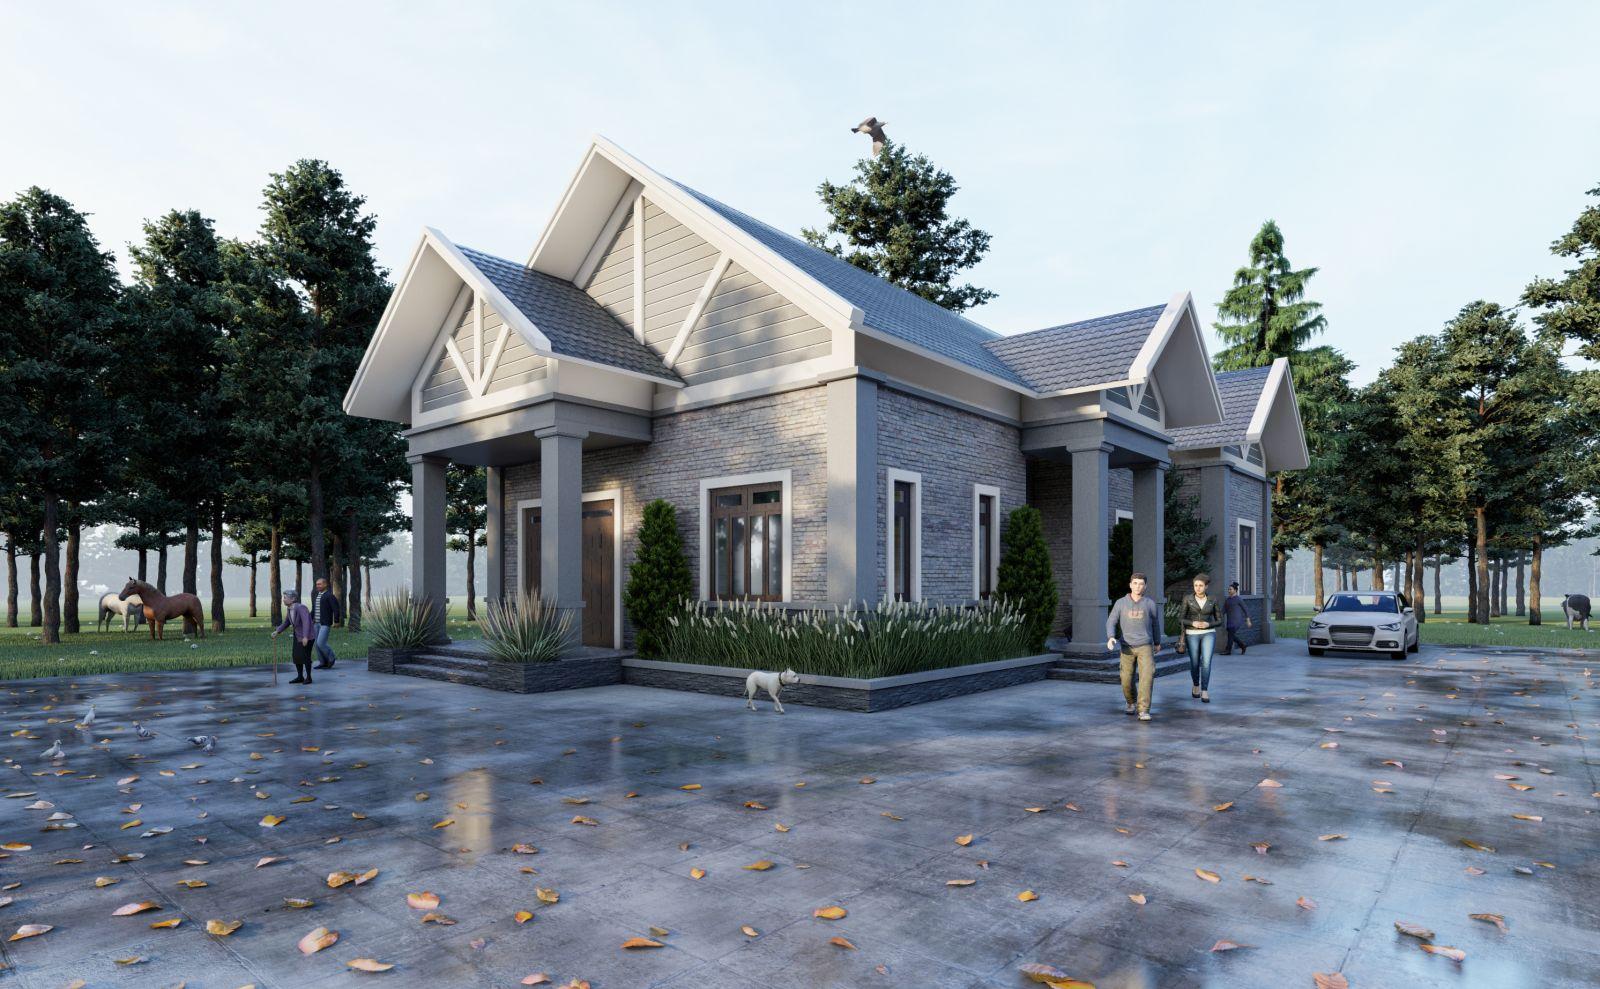 Thiết kế nhà vườn 1 tầng tại Hàm Yên, Tuyên Quang